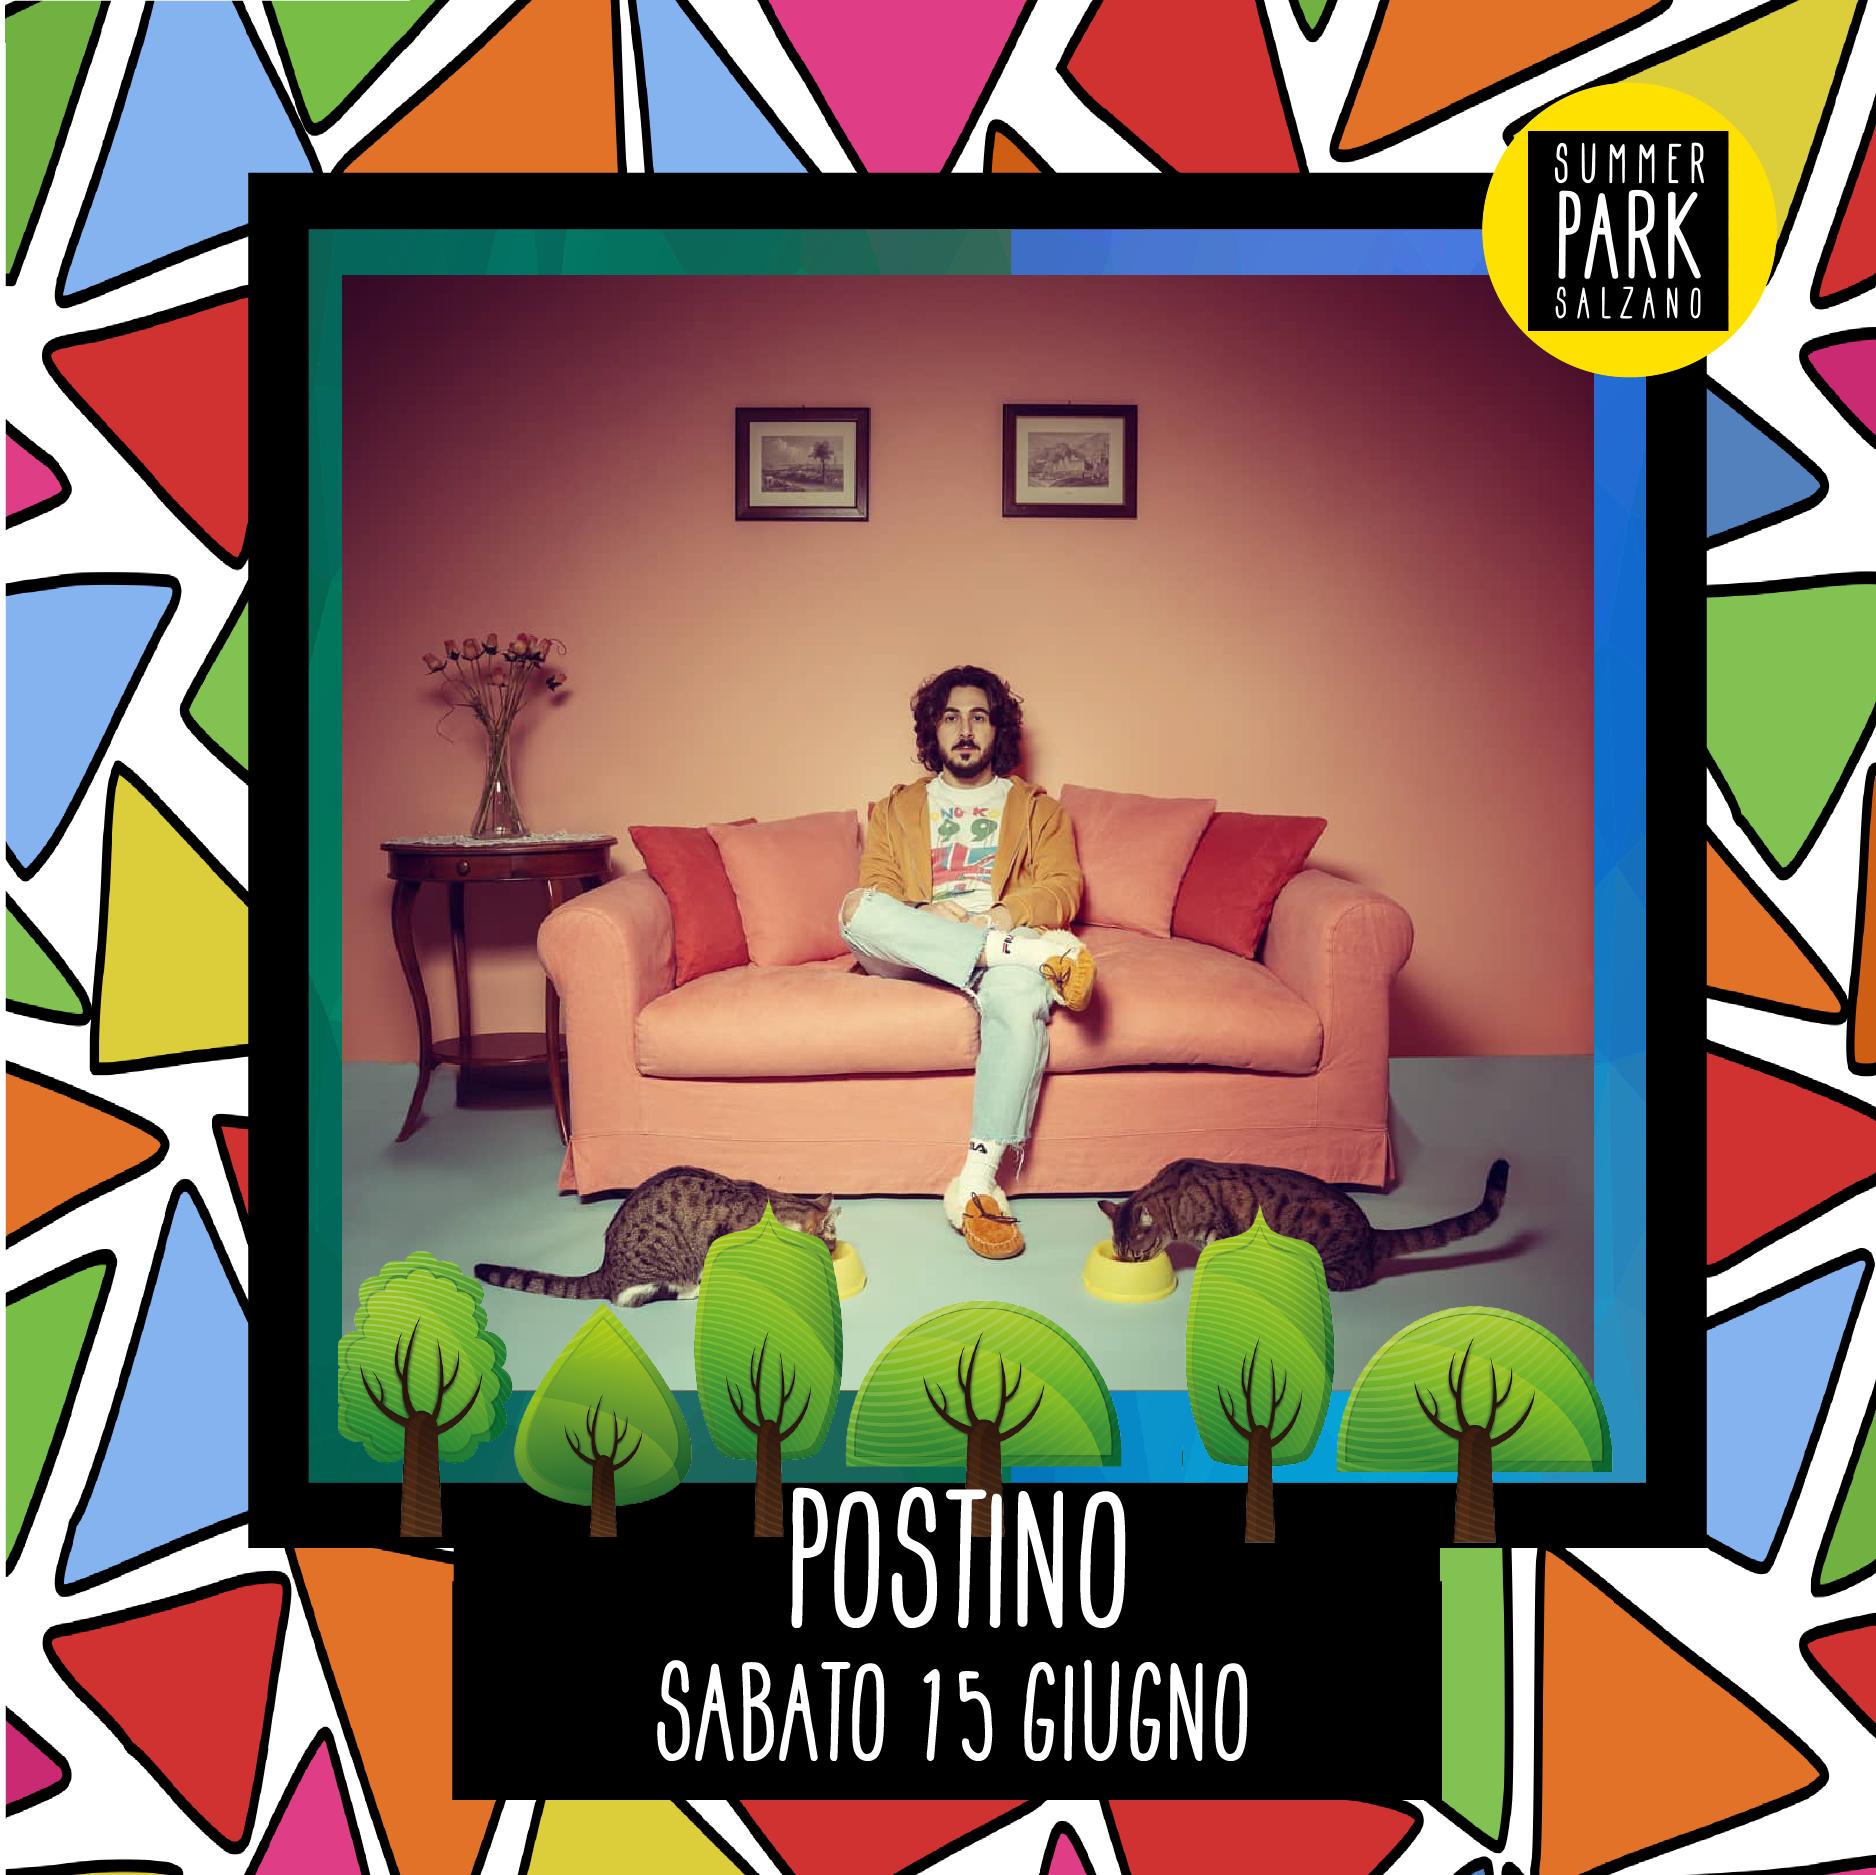 Postino_annuncio_Summer_Park_Salzano_Festival